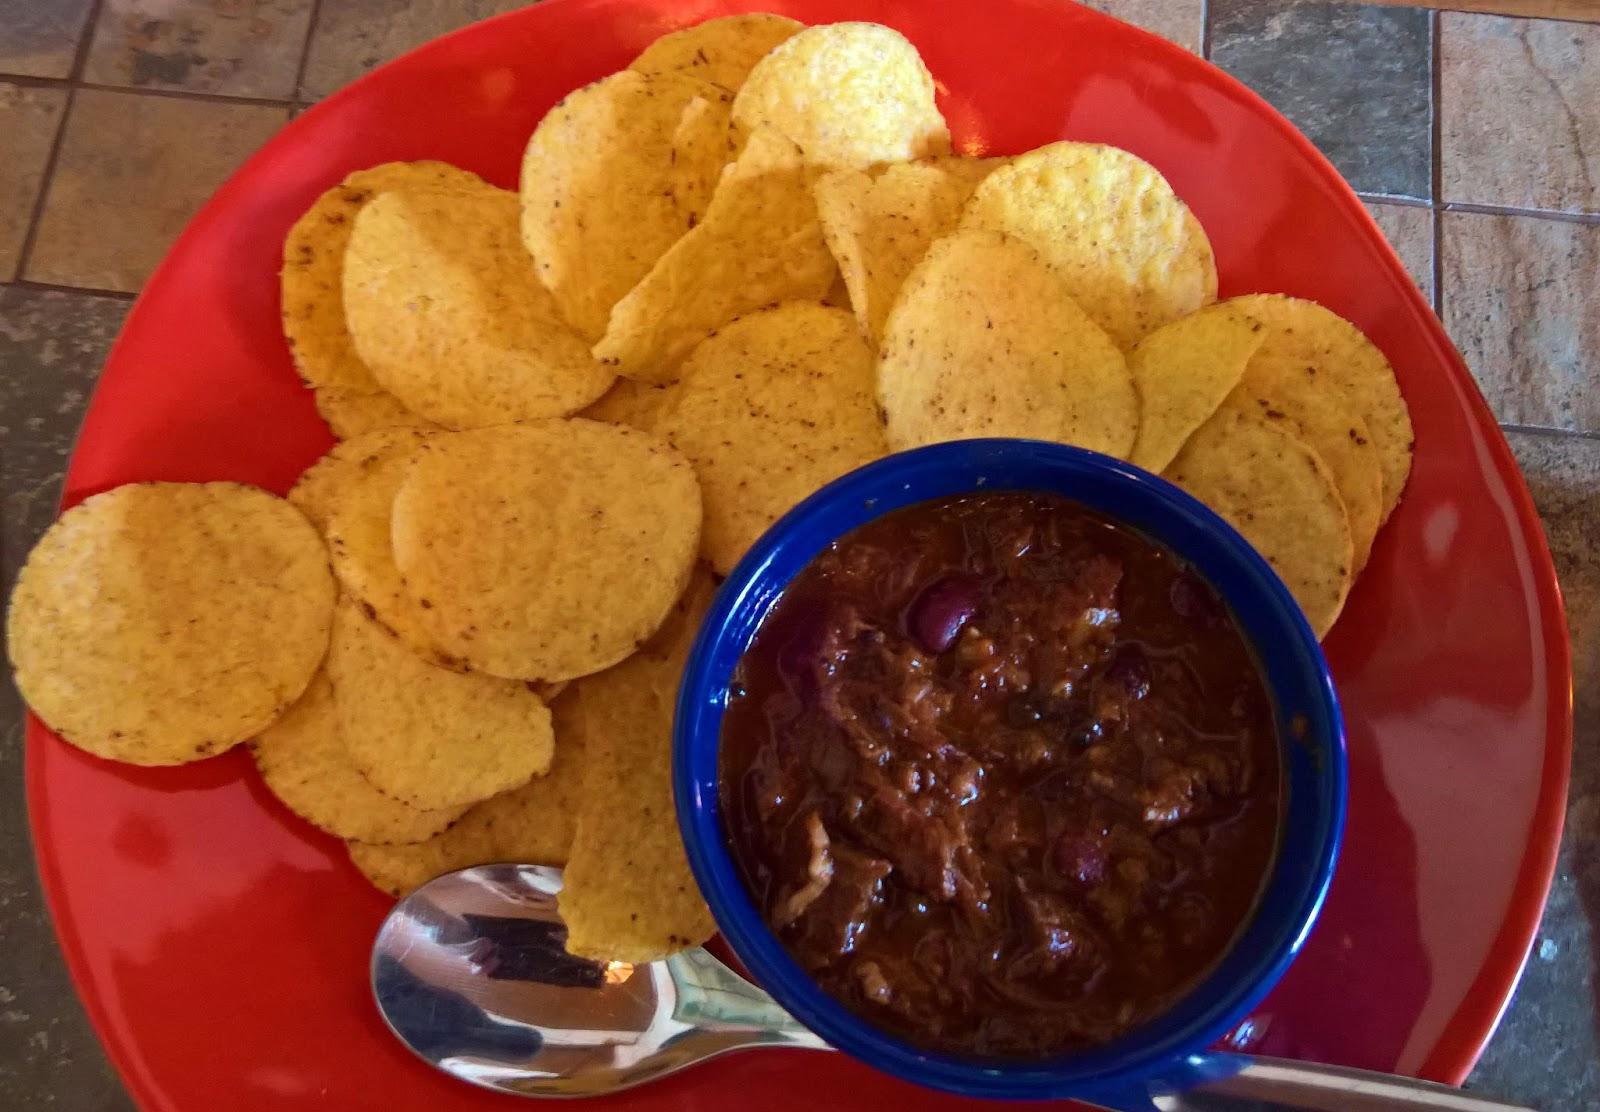 jäppilän kievari jäppilä ravintola kesäravintola jenkkiruoka bbq amerikkalainen ruoka mallaspulla nachot